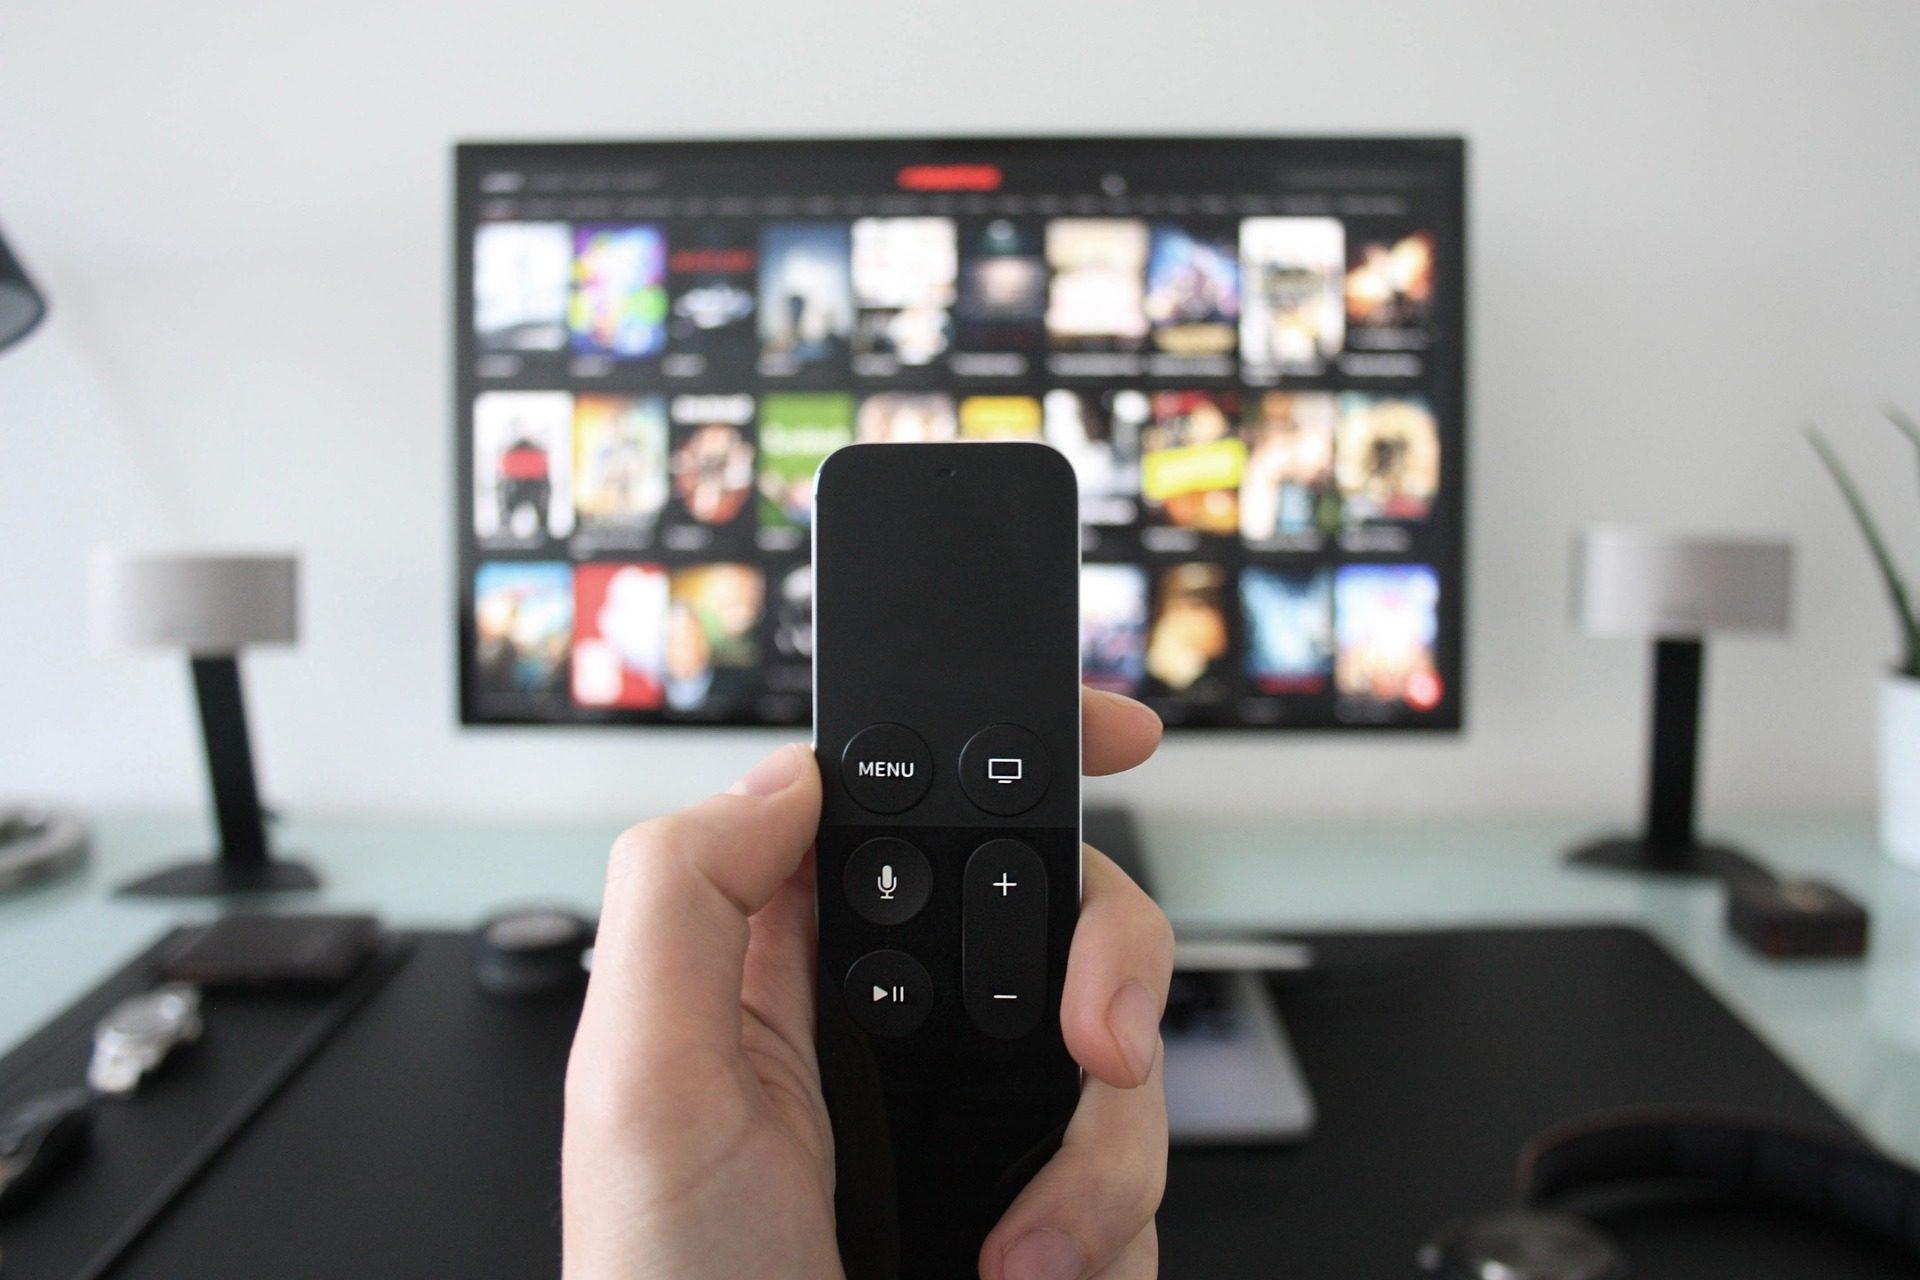 commande à distance, TV, PELICULAS, Salon, multimédia, main - Fonds d'écran HD - Professor-falken.com